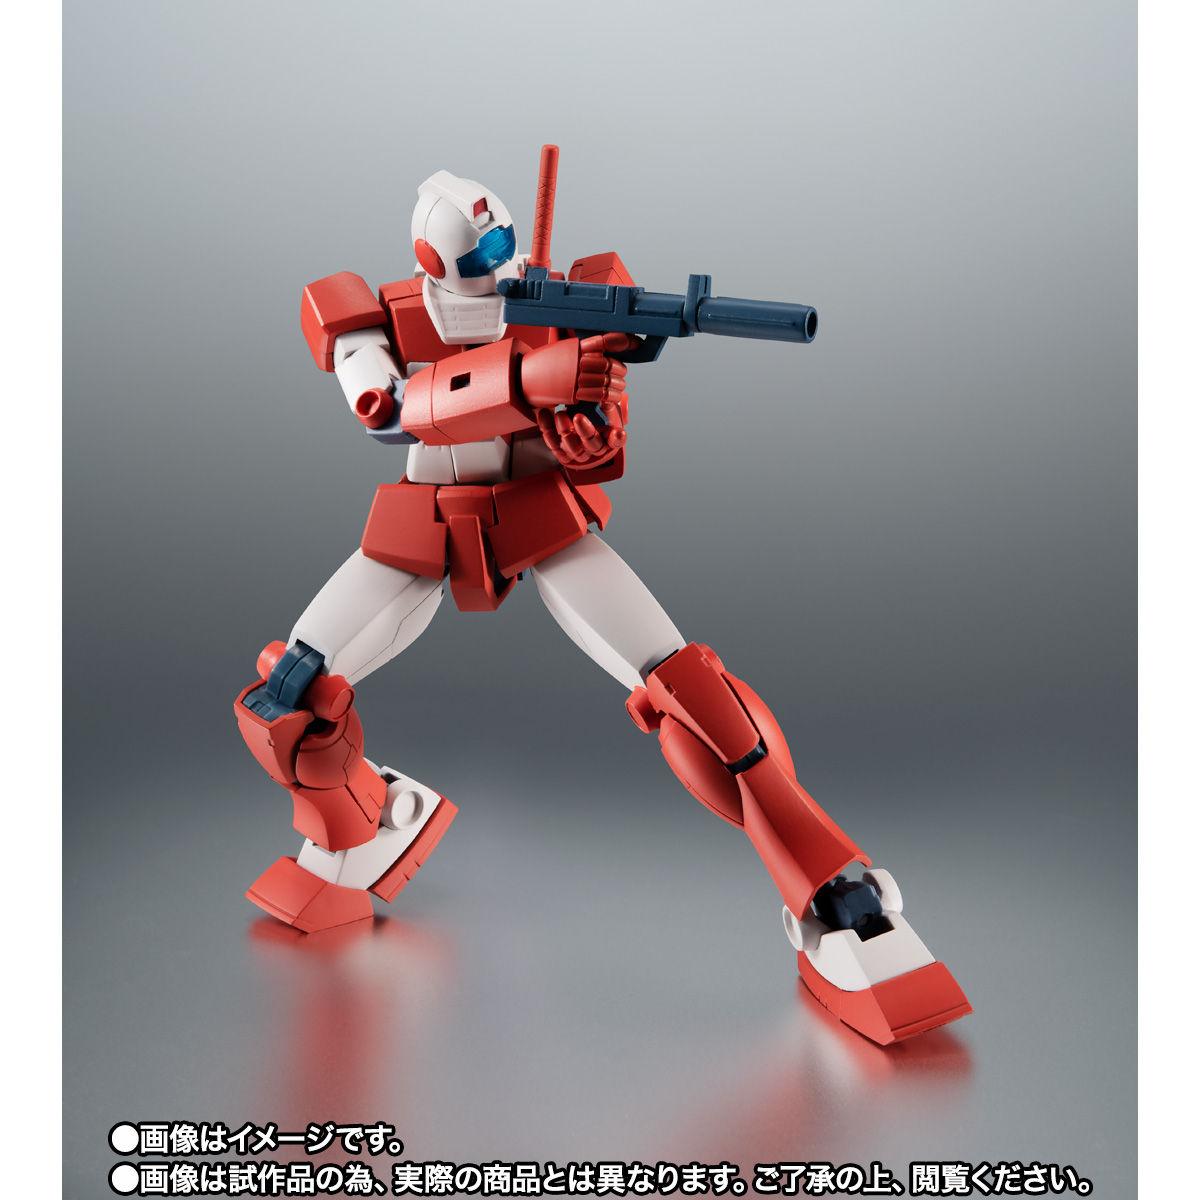 【限定販売】ROBOT魂〈SIDE MS〉『RGM-79L ジム・ライトアーマー ver. A.N.I.M.E.』ガンダムMSV 可動フィギュア-005